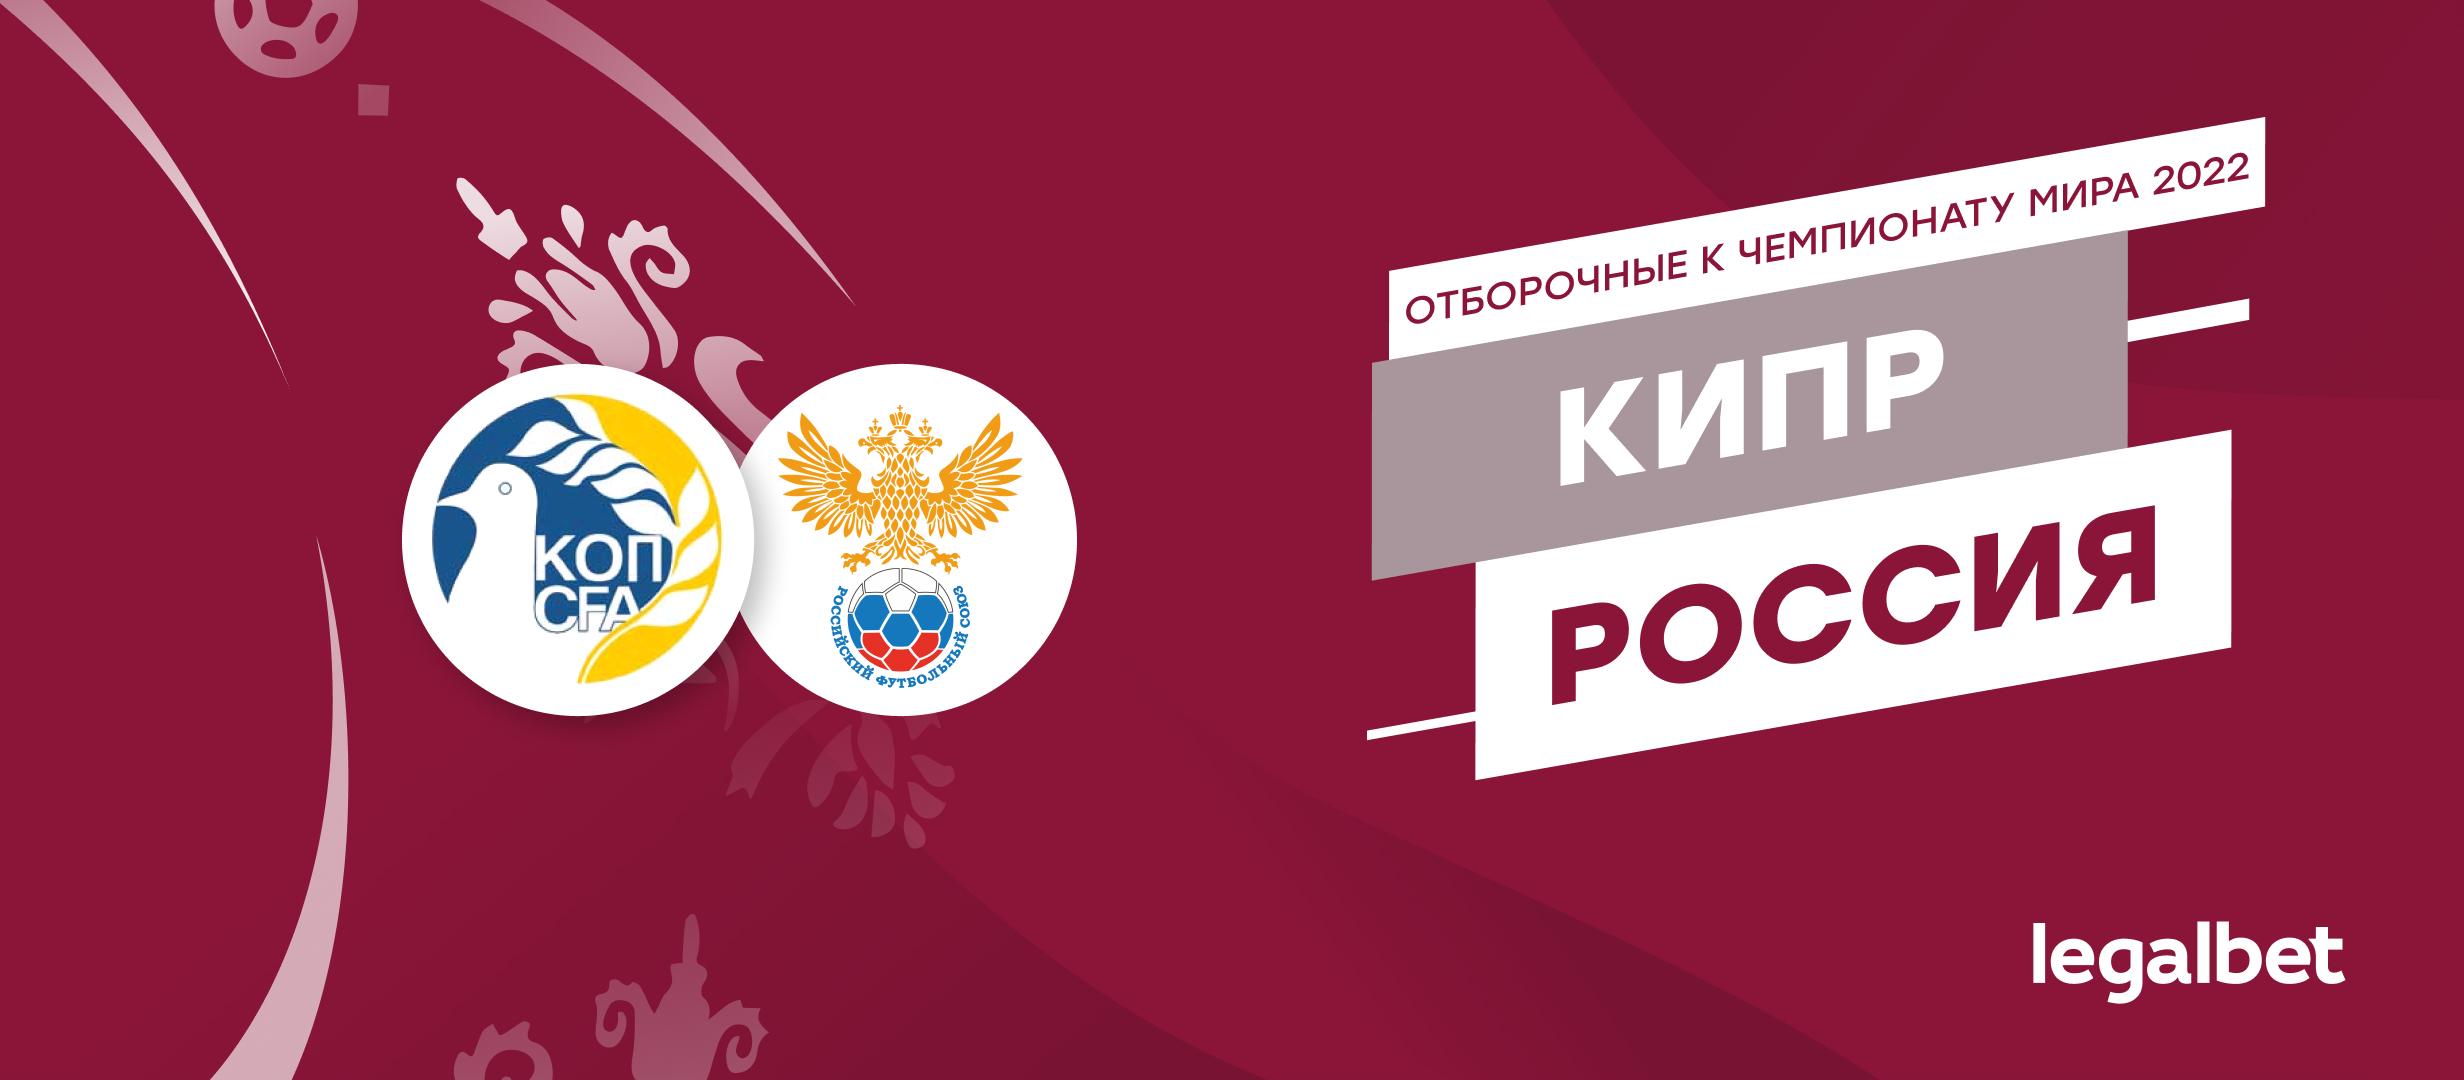 Кипр — Россия: ставки и коэффициенты на матч